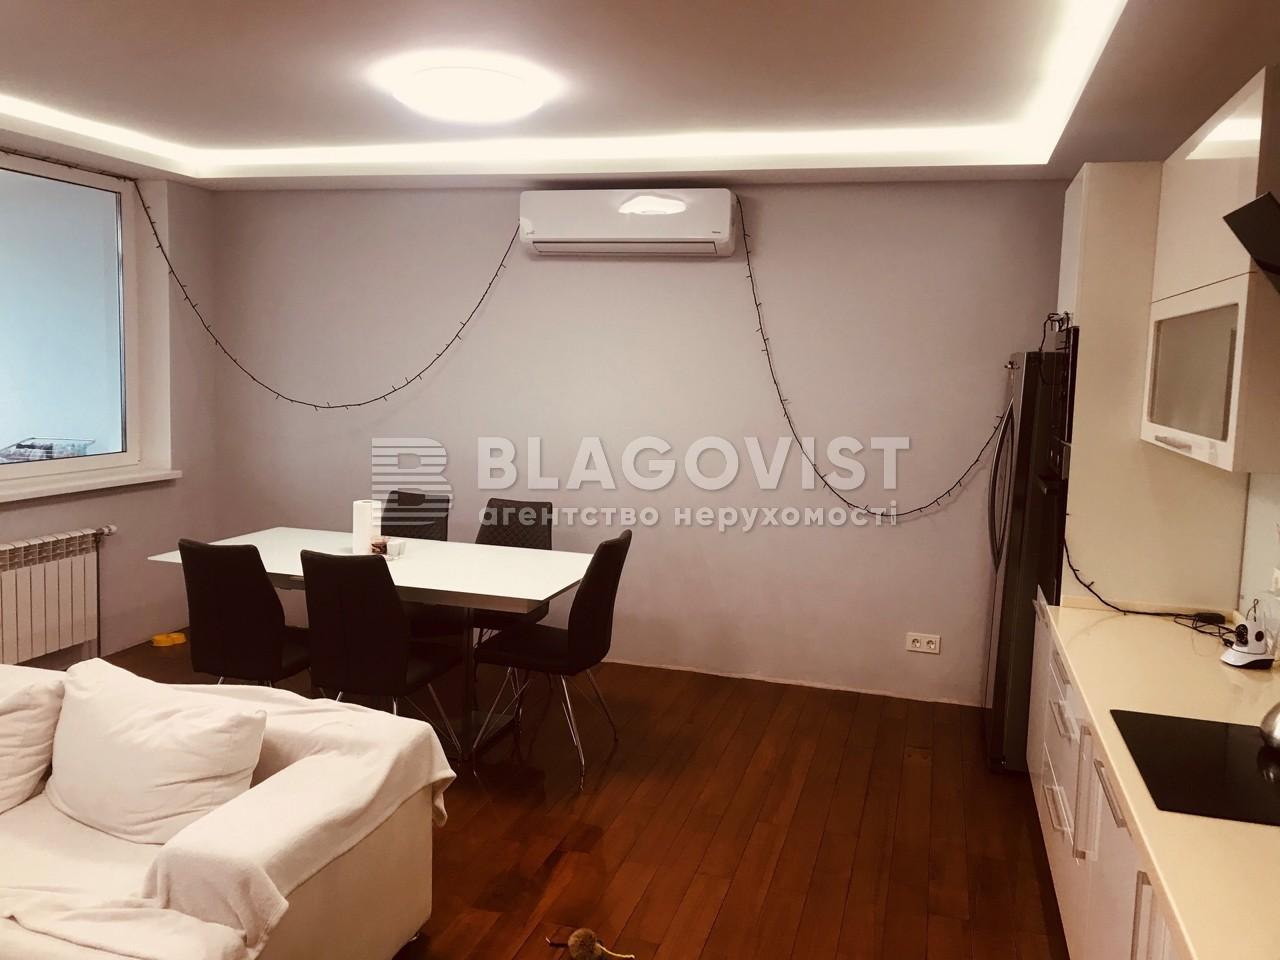 Квартира M-38402, Кондратюка Юрия, 3, Киев - Фото 8